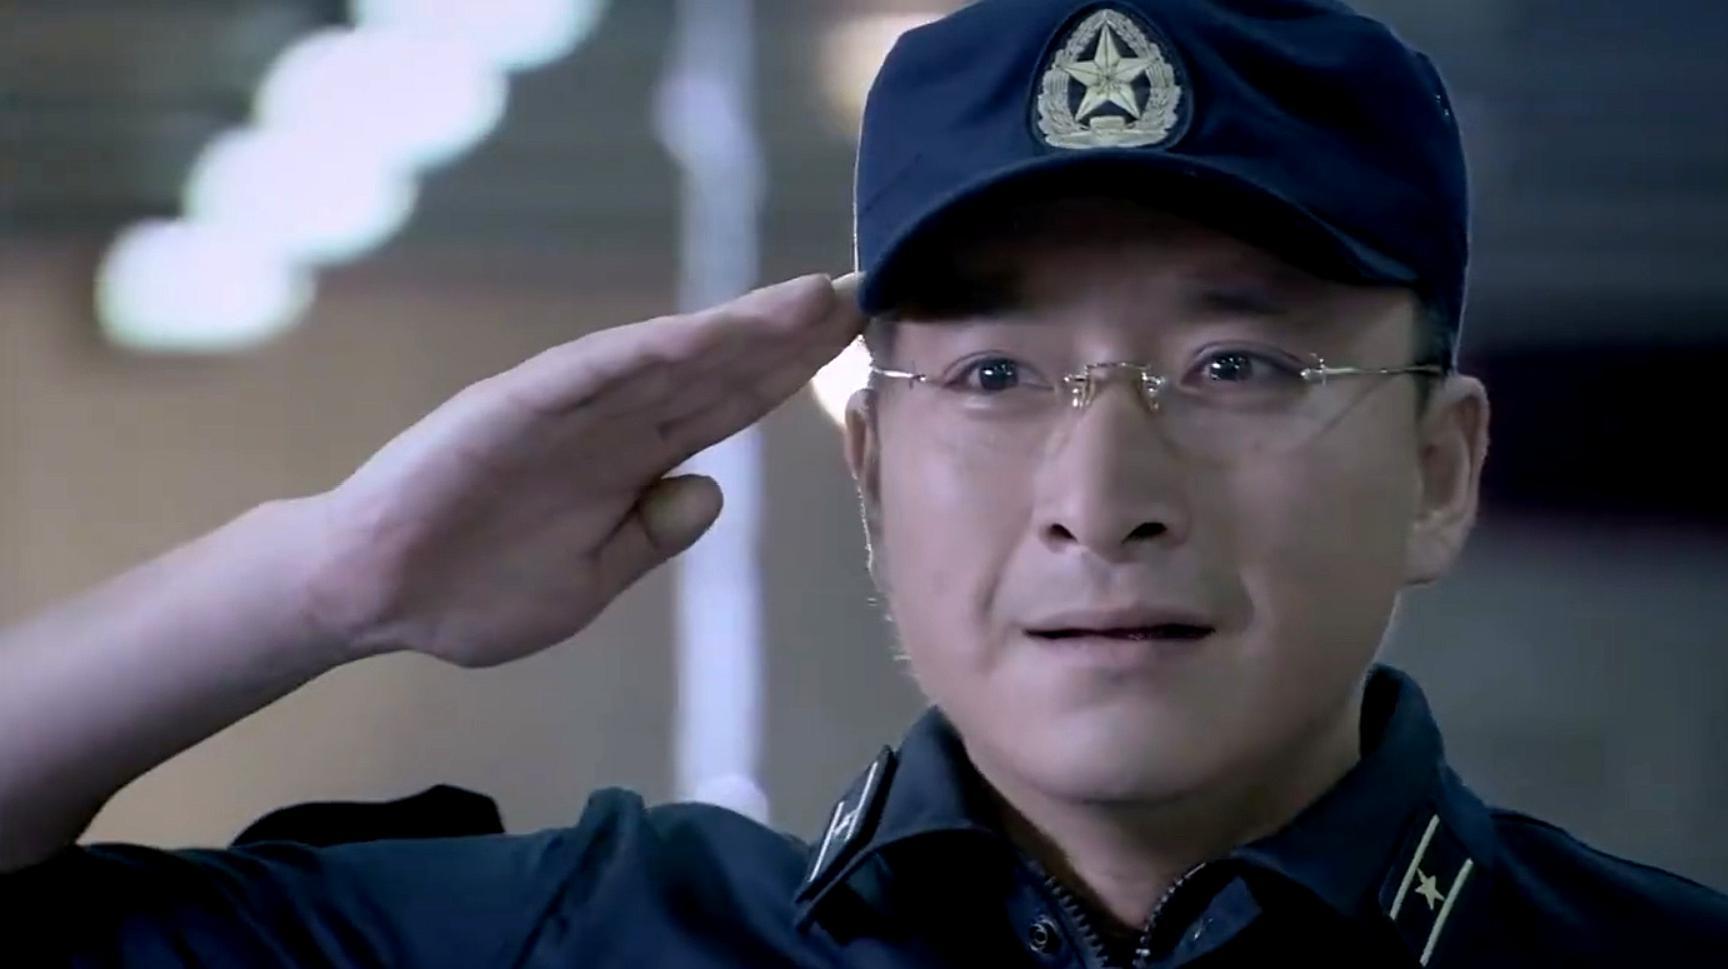 军嫂比赛获奖,海军小伙儿热泪盈眶,整个海军舰队都沸腾起来!